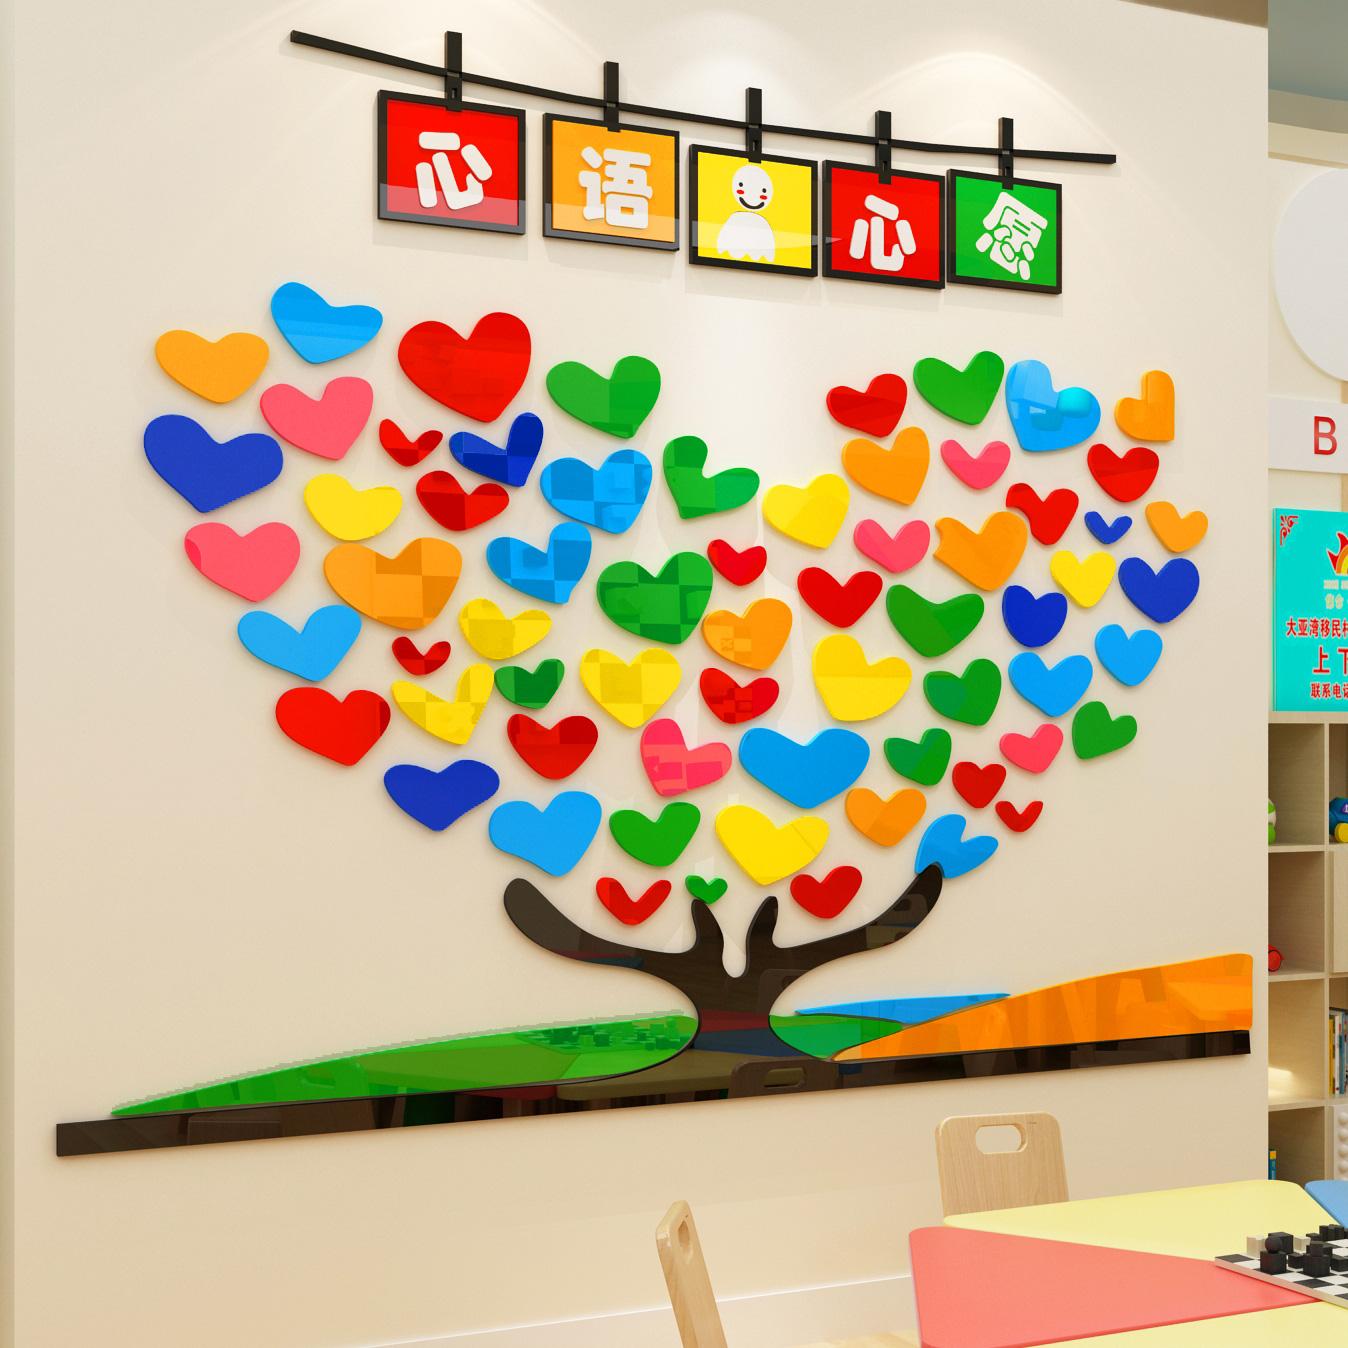 心愿墙幼儿园墙面装饰班级文化墙许愿树贴纸教室亚克力3d立体墙贴